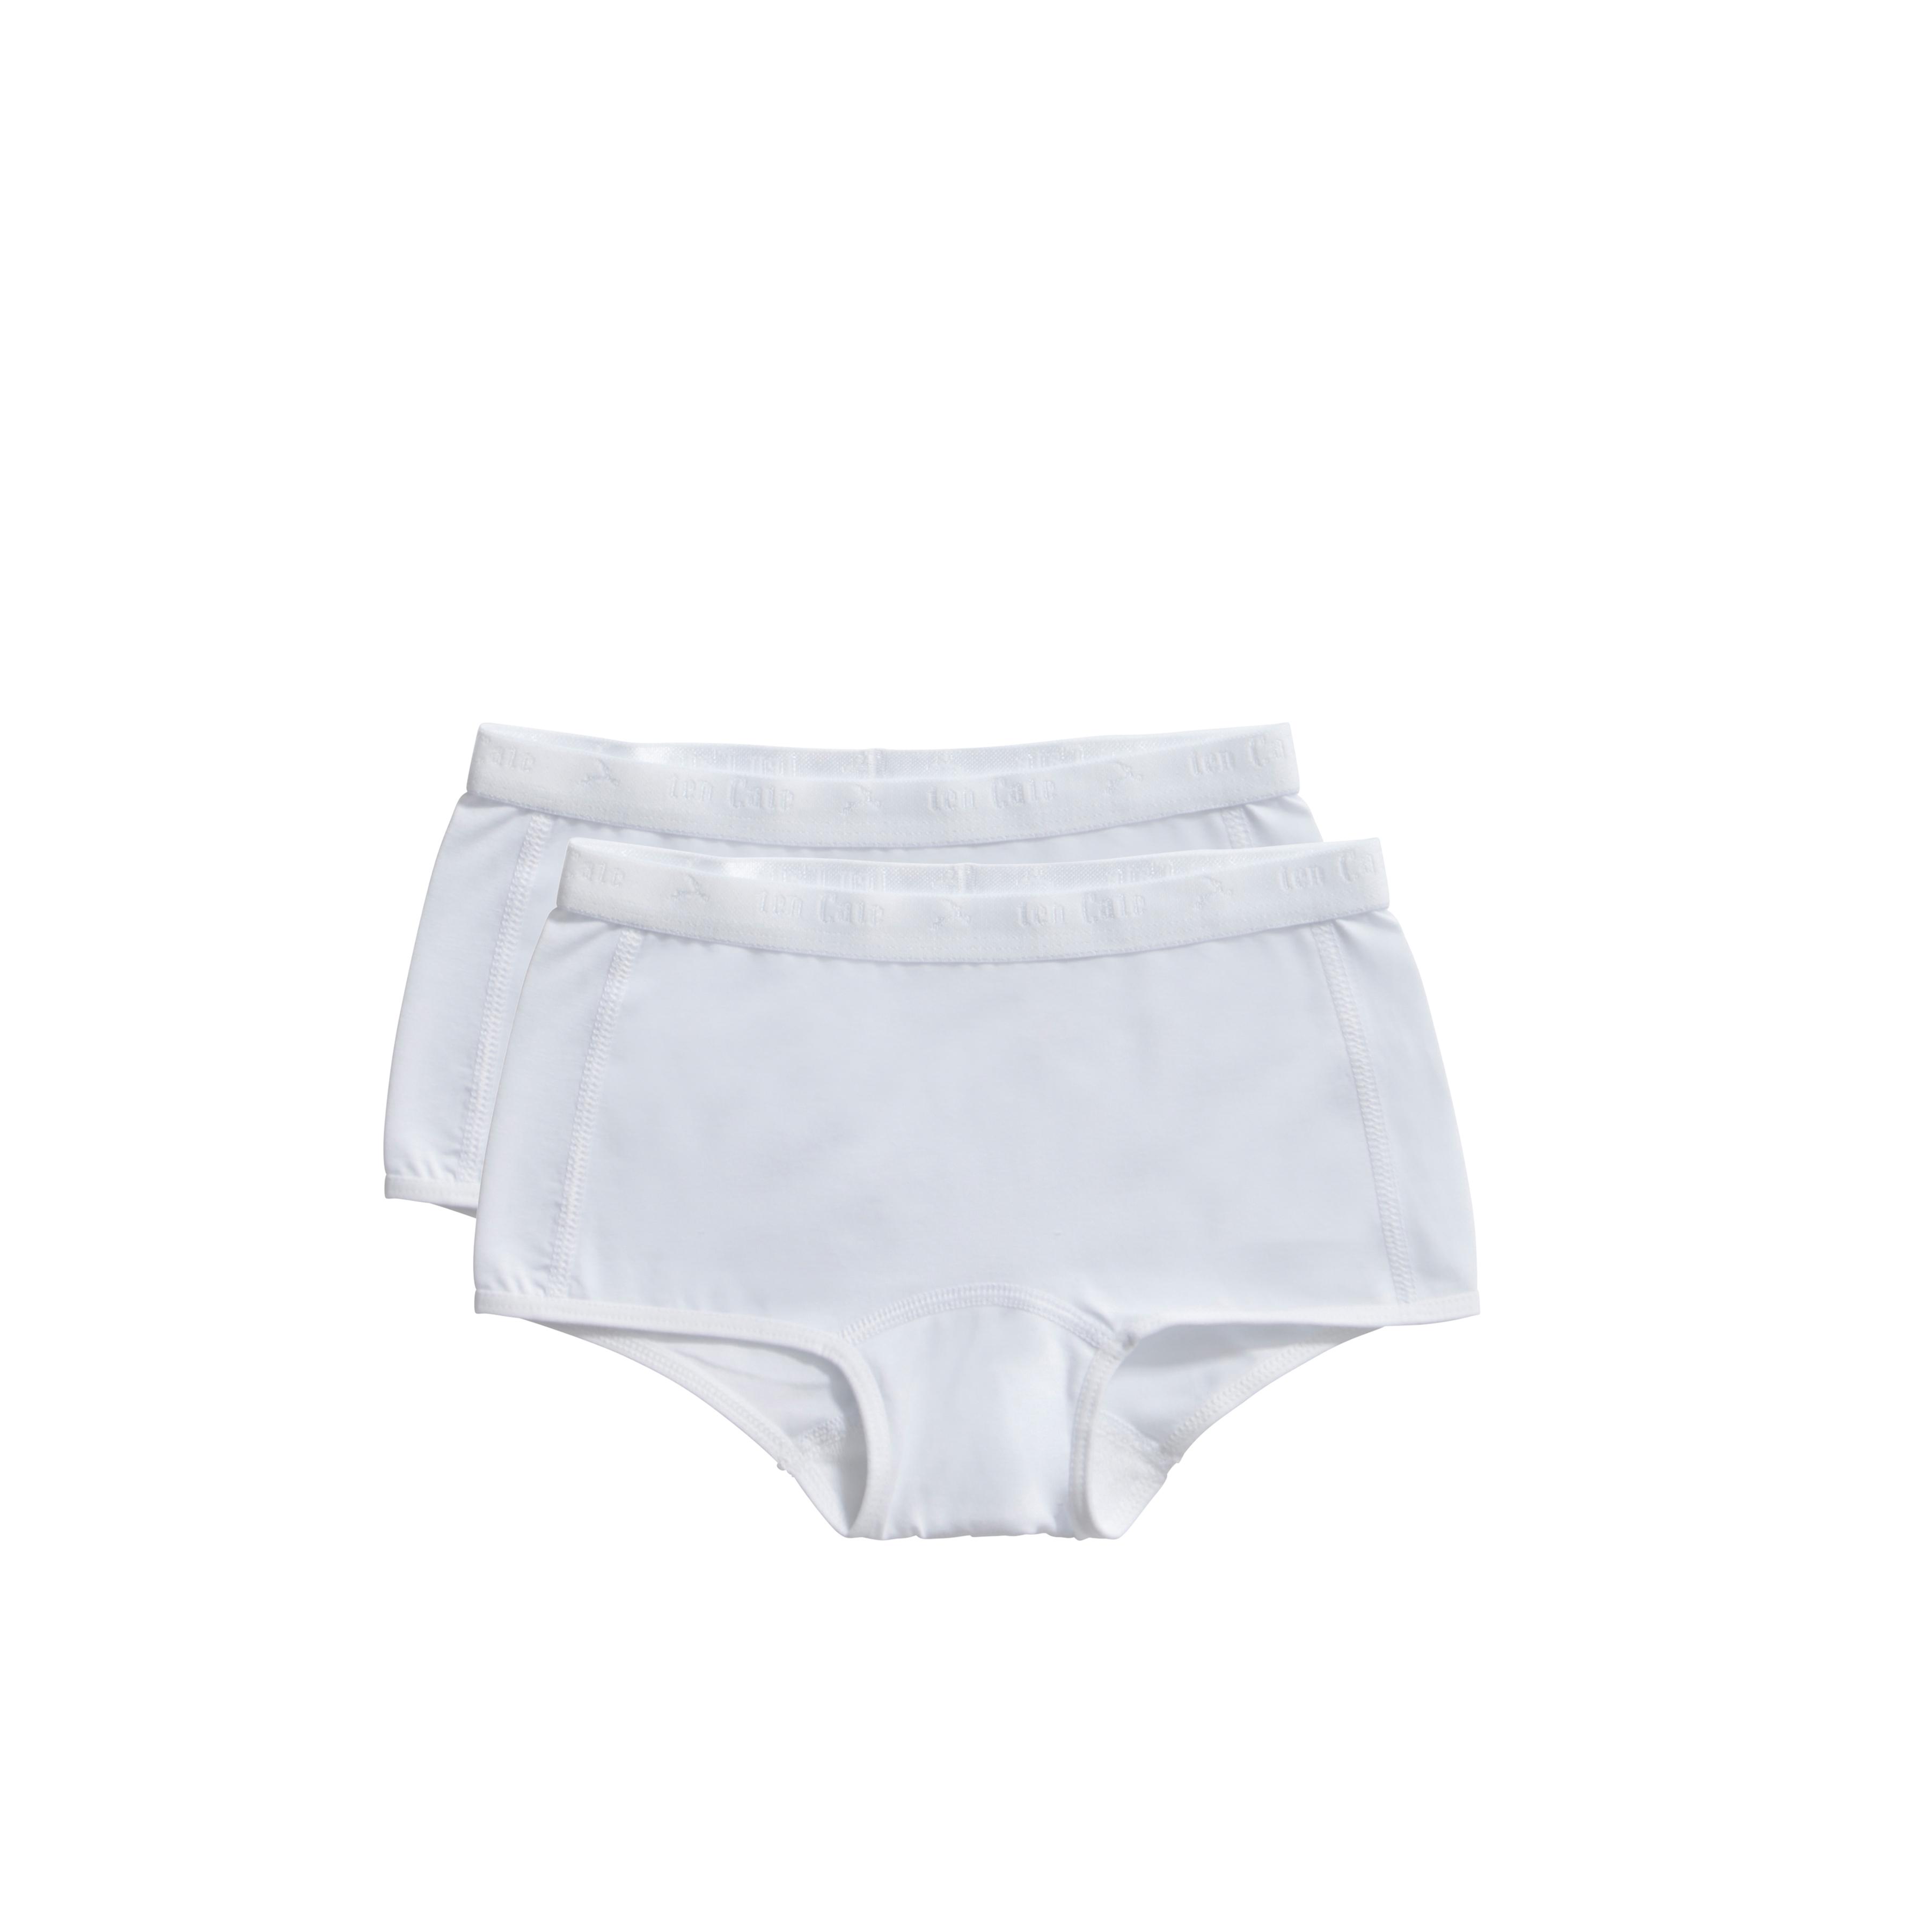 Ten Cate Kids Girls Short white 2-pack